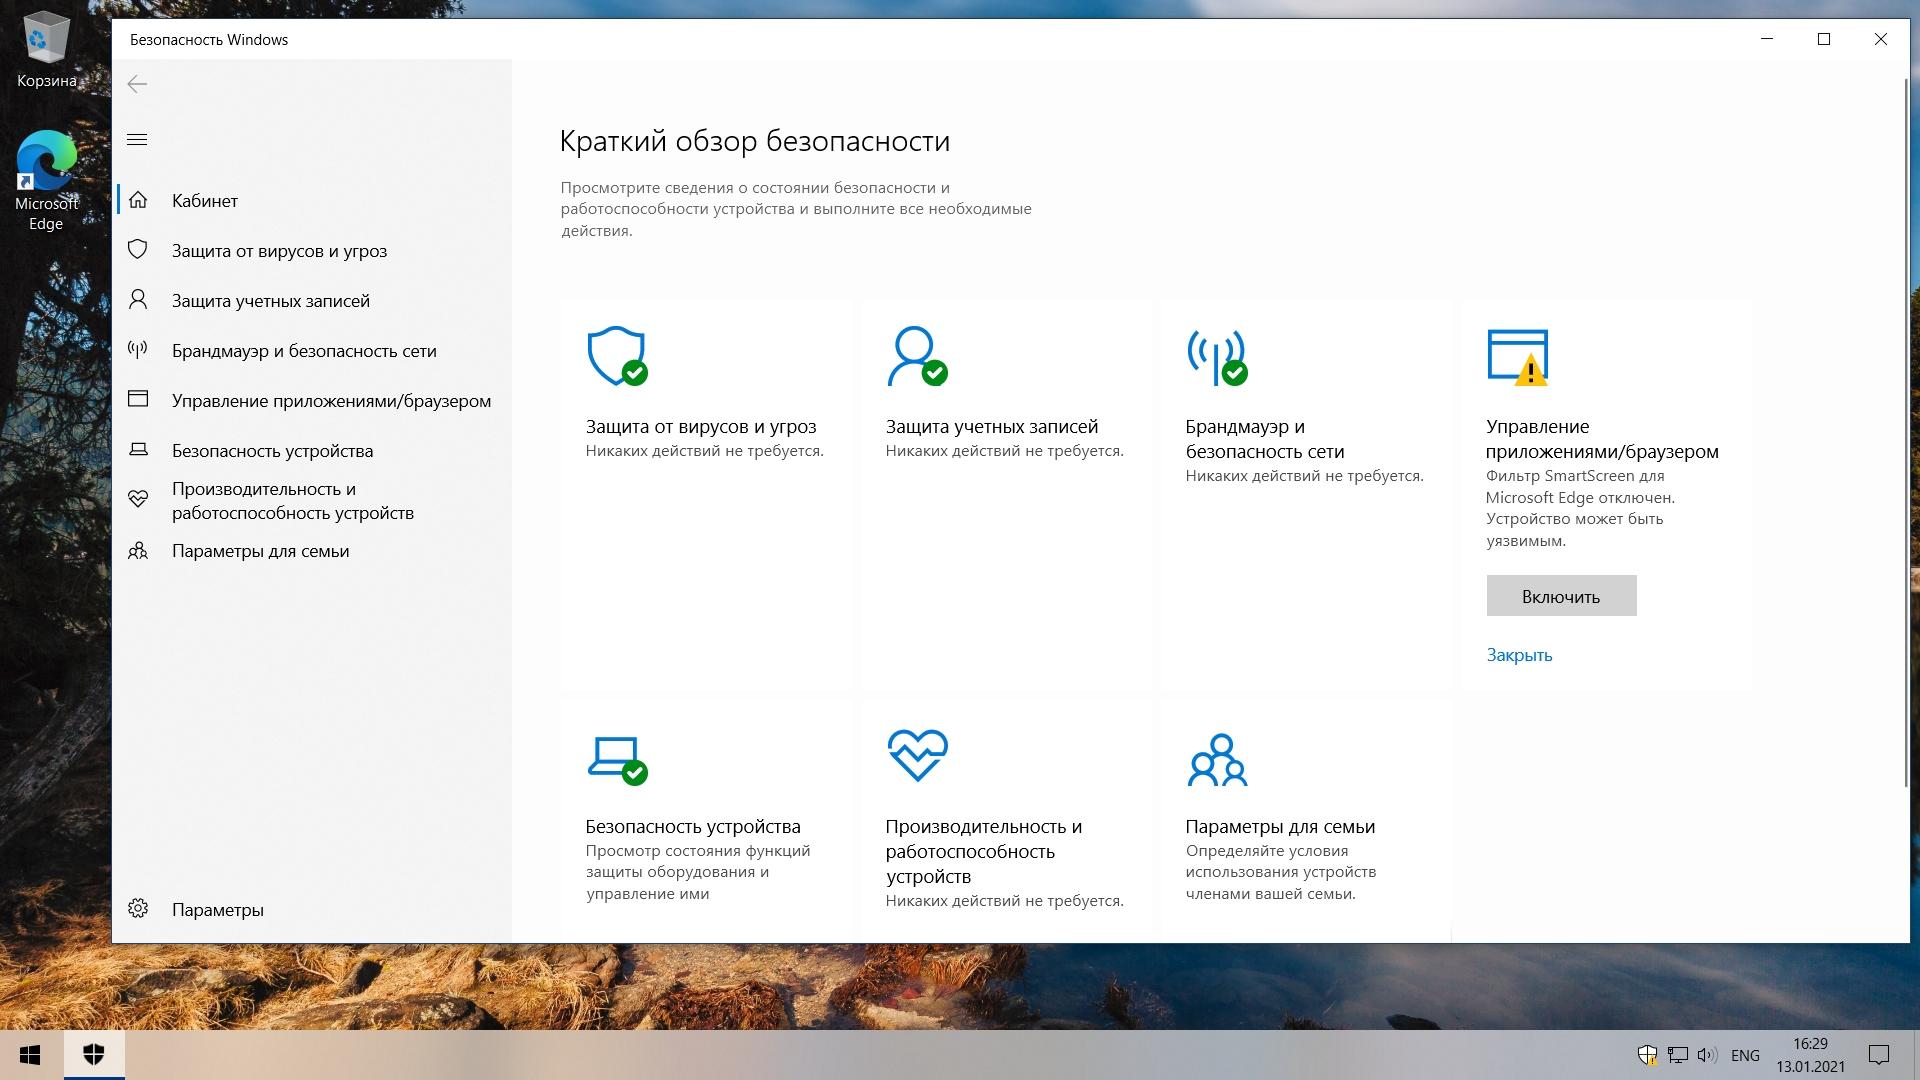 Windows 10 Профессиональная 20H2 x64 RU EN [GX 13.01.21]